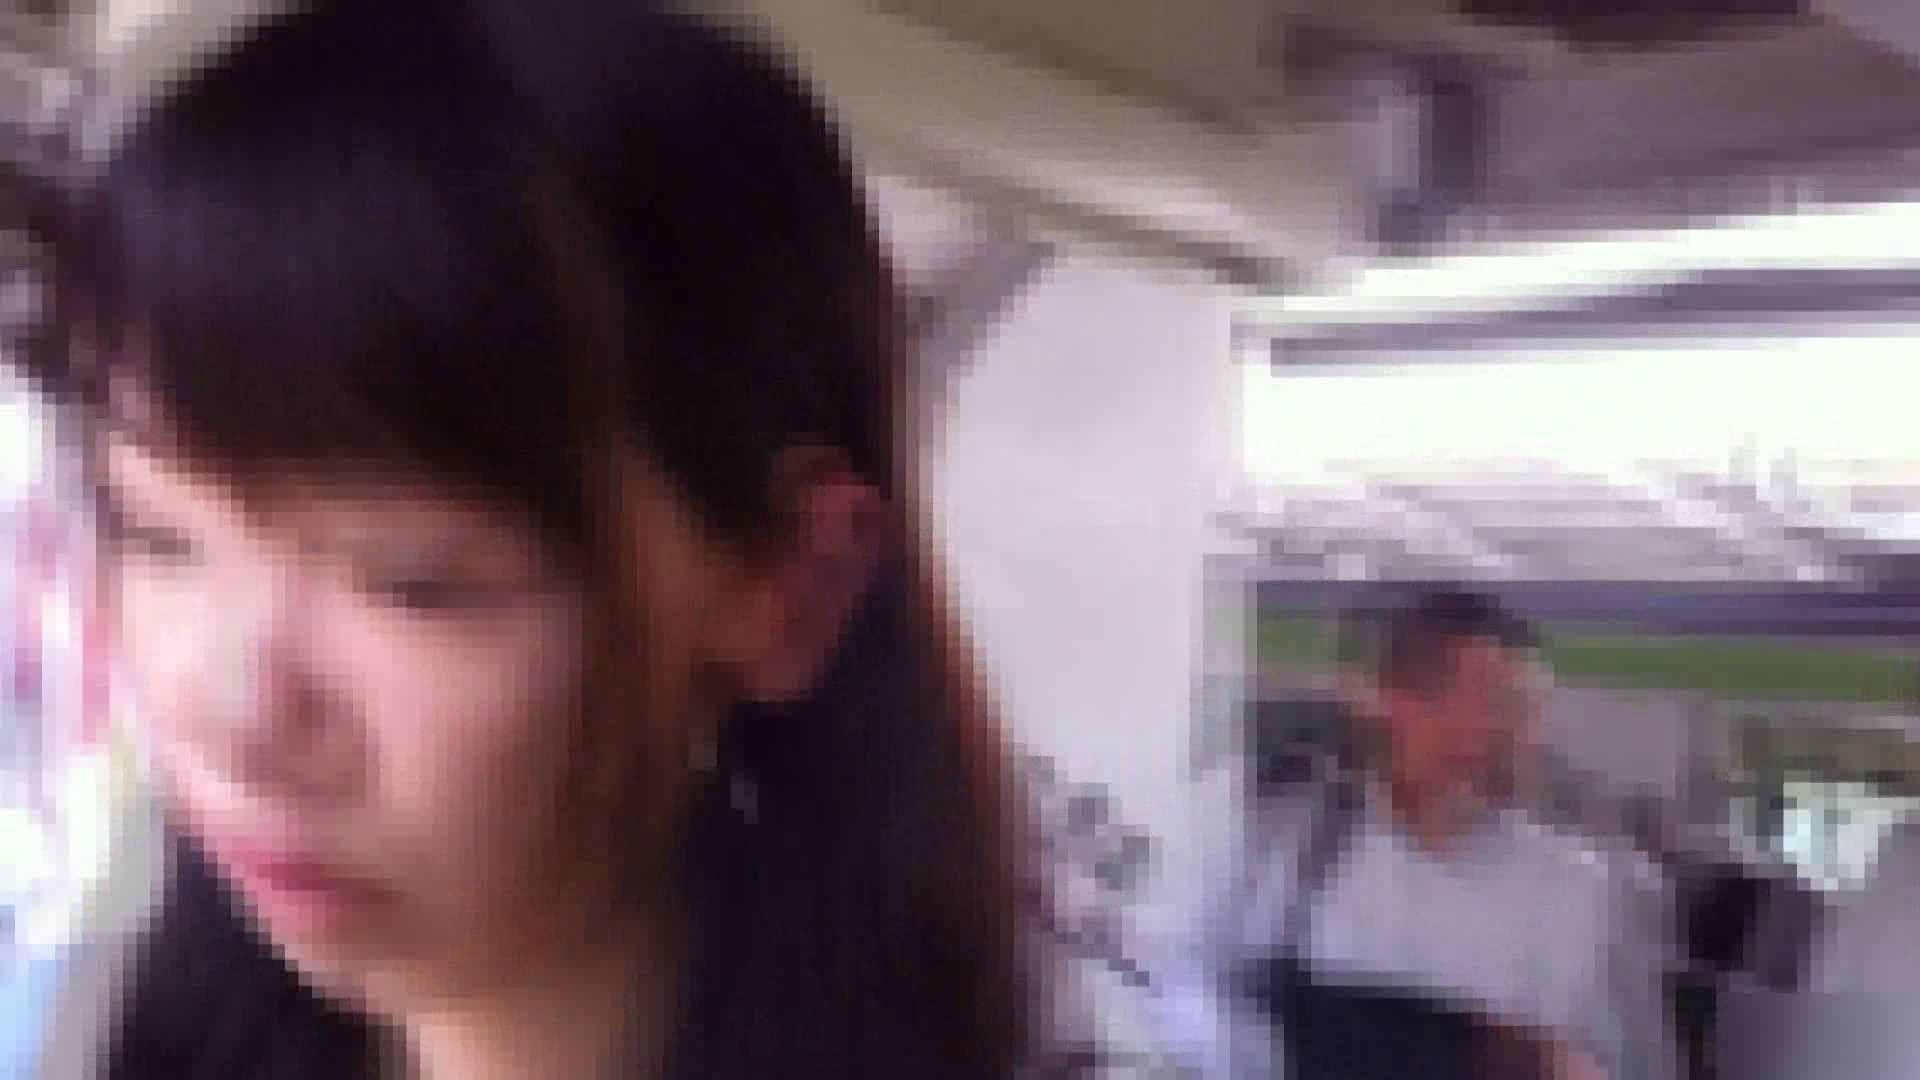 ガールズパンチラストリートビューVol.041 新入生パンチラ すけべAV動画紹介 97pic 27